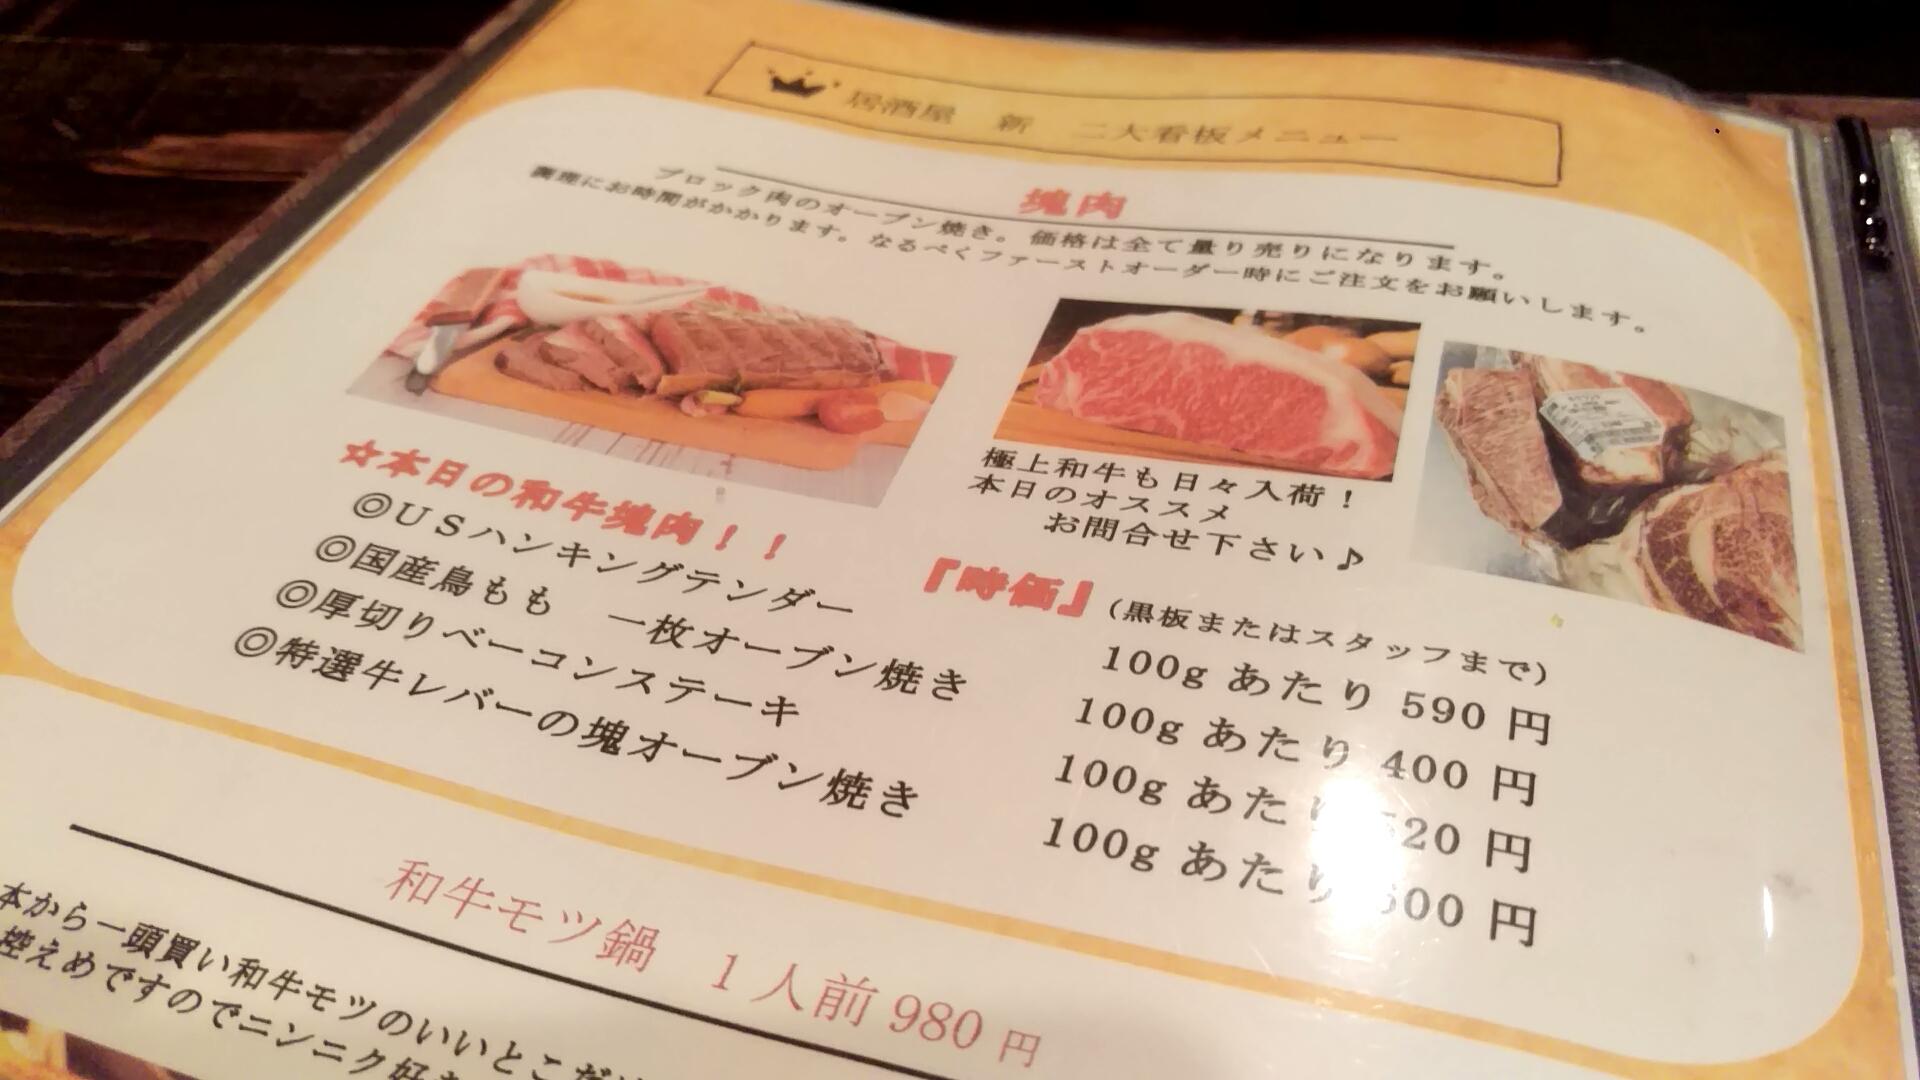 夜に伺うと肉の塊を楽しめる!?!?!